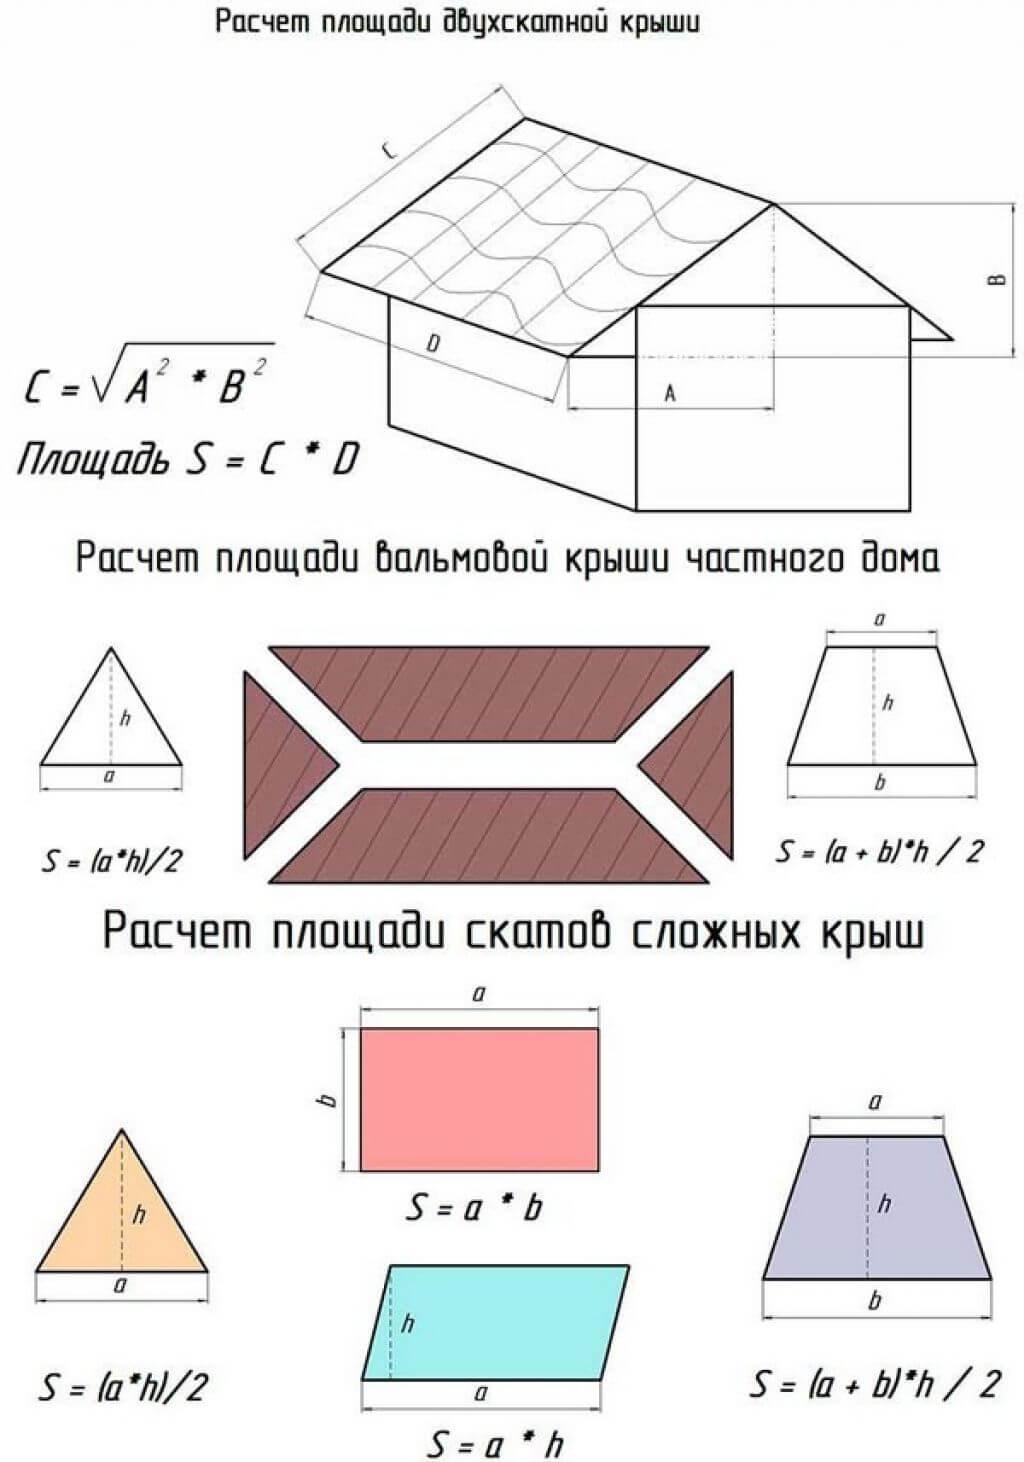 Расчет площади крыши разных типов